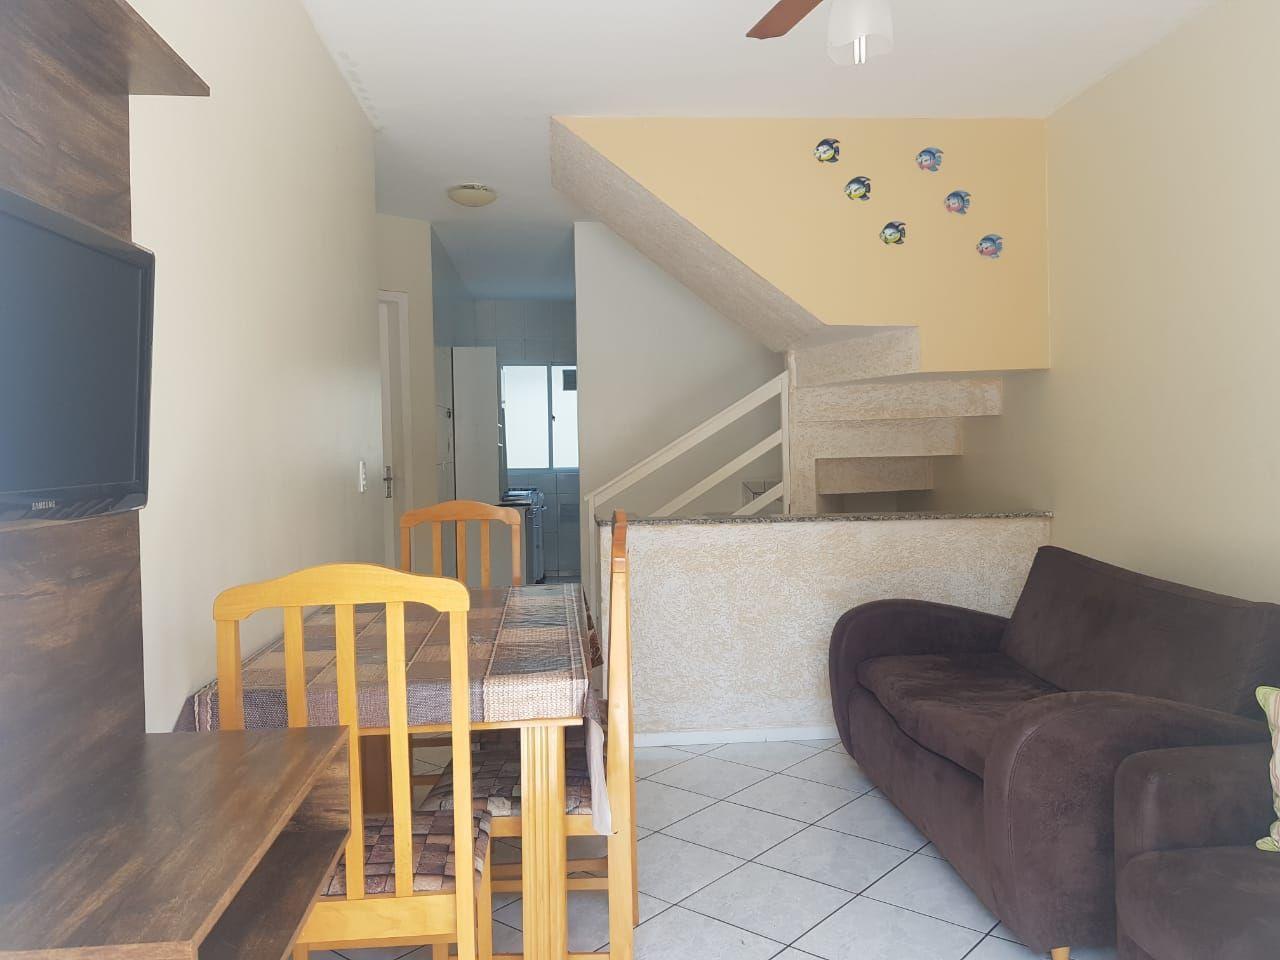 Apartamento com 2 Dormitórios para alugar, 75 m² por R$ 150,00